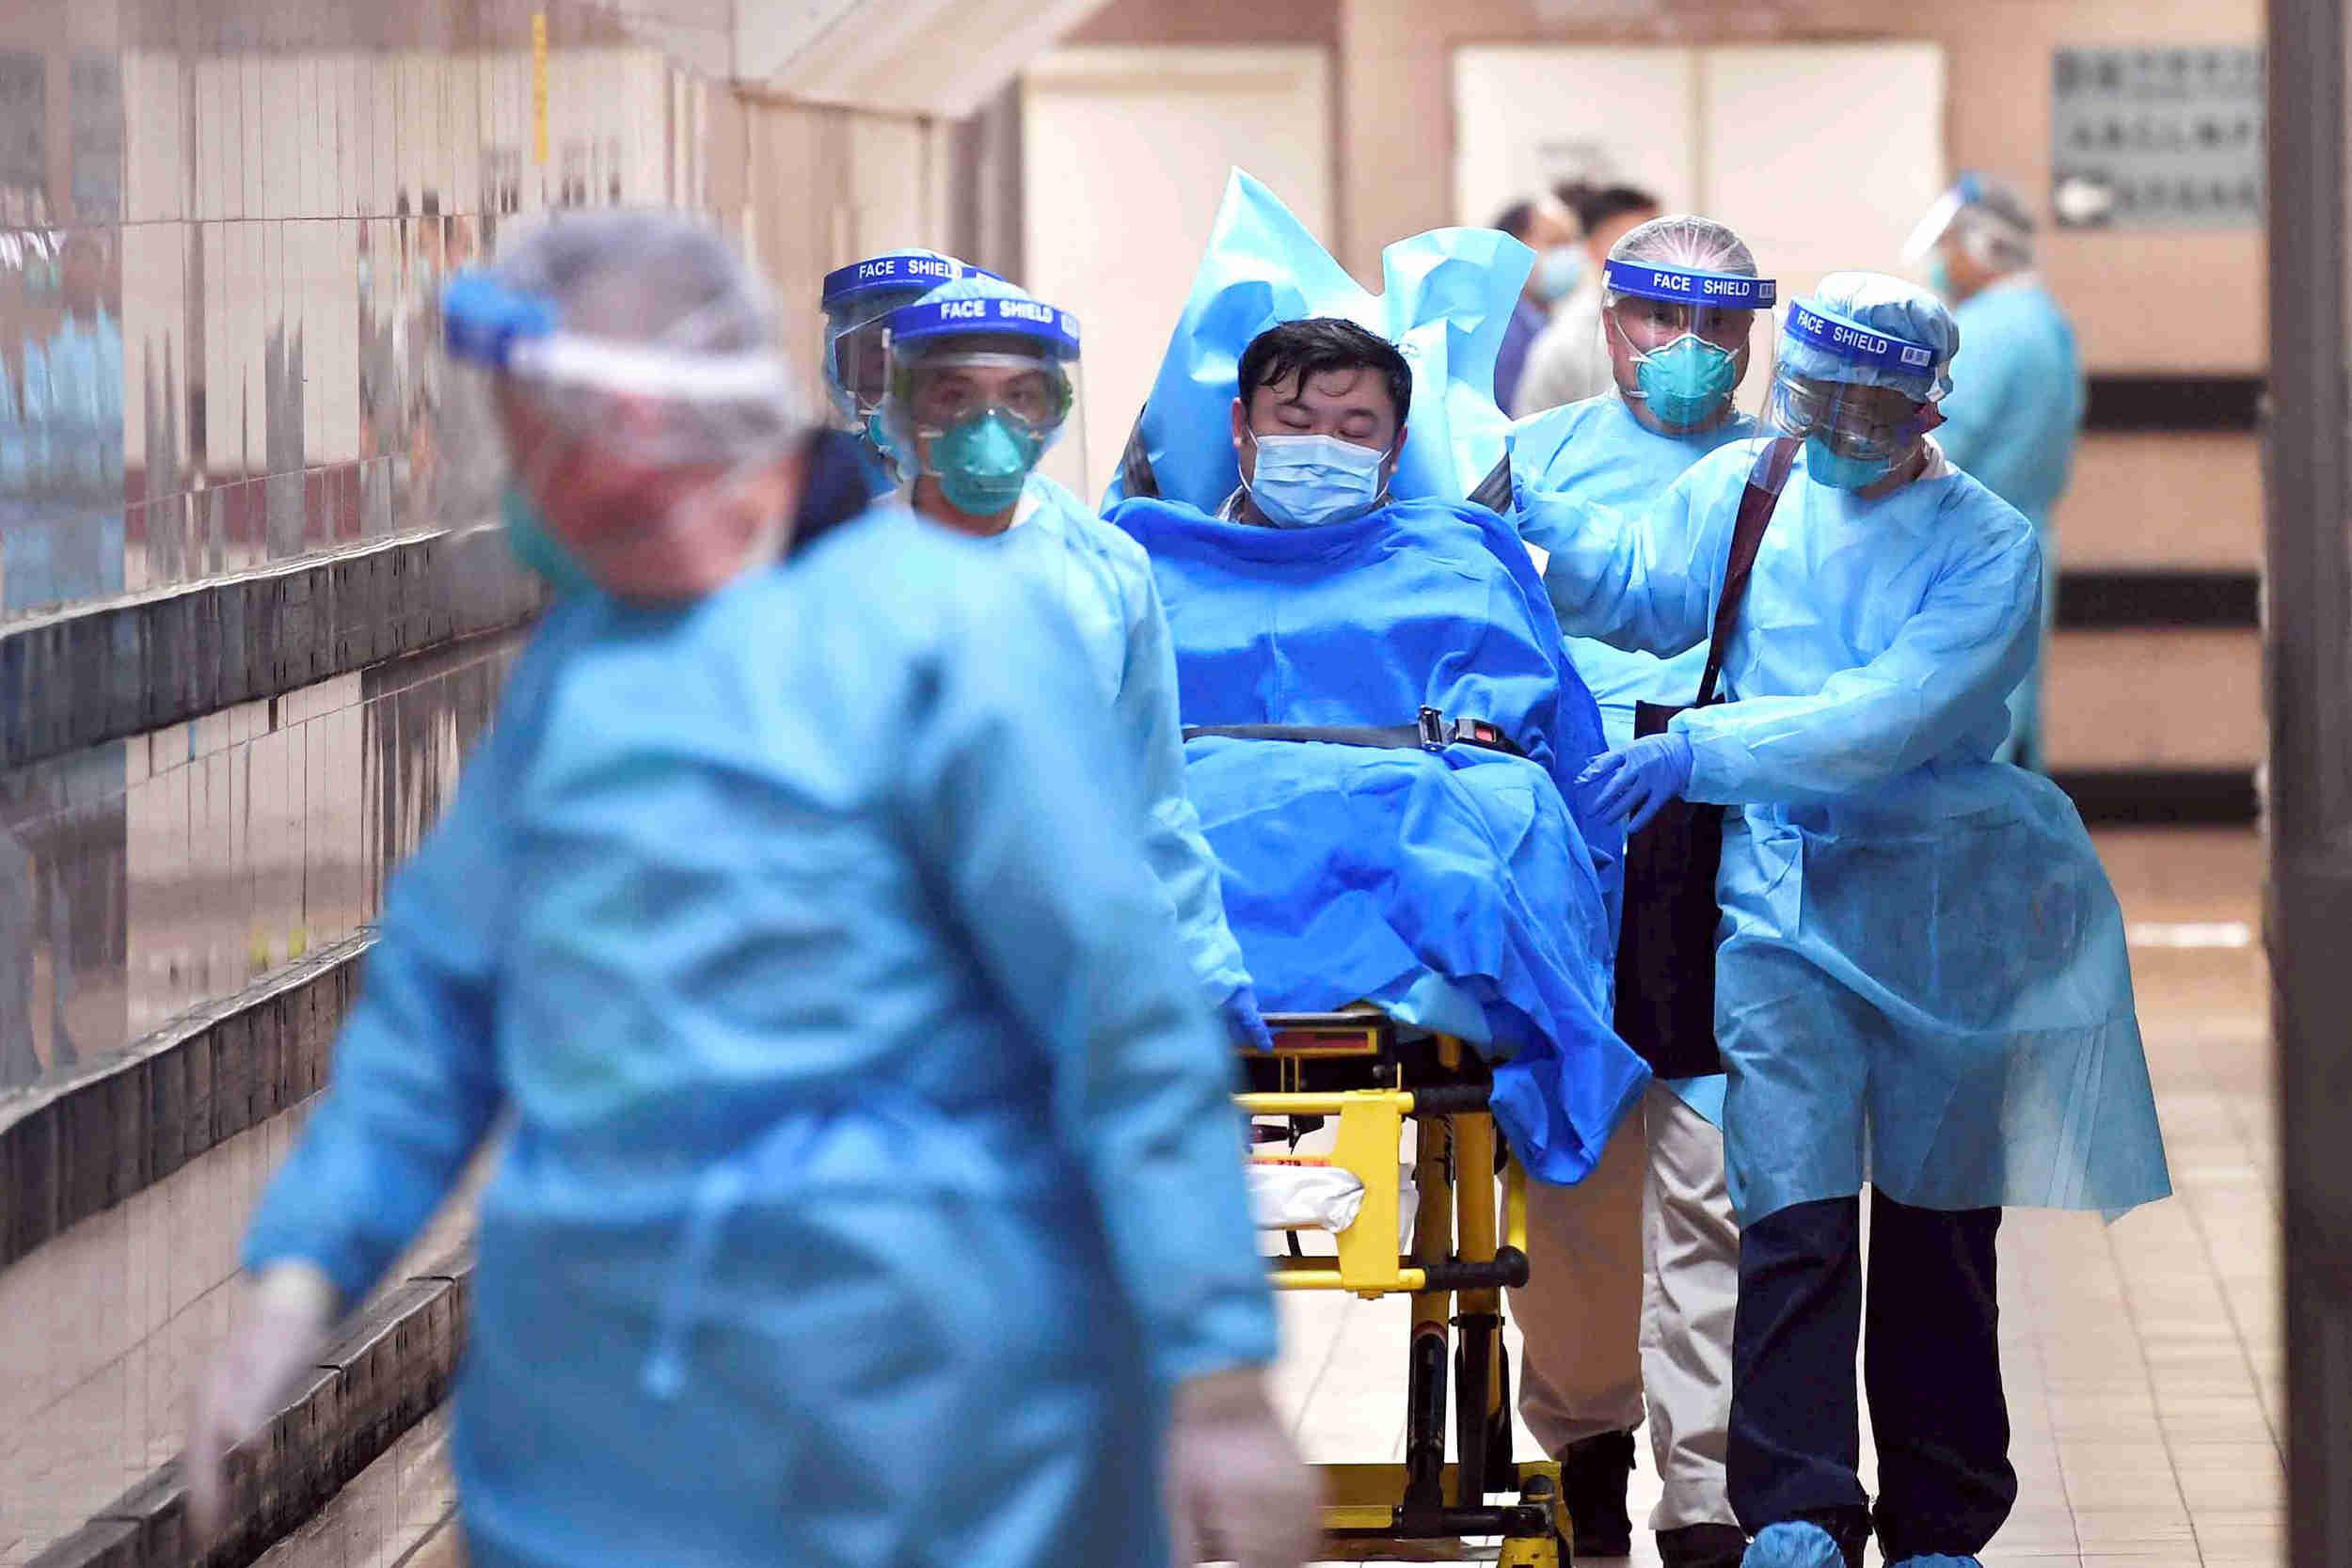 देश में कोरोना वायरस से पहली मौत, कर्नाटक के कलबुर्गी में हुई युवक की मौत